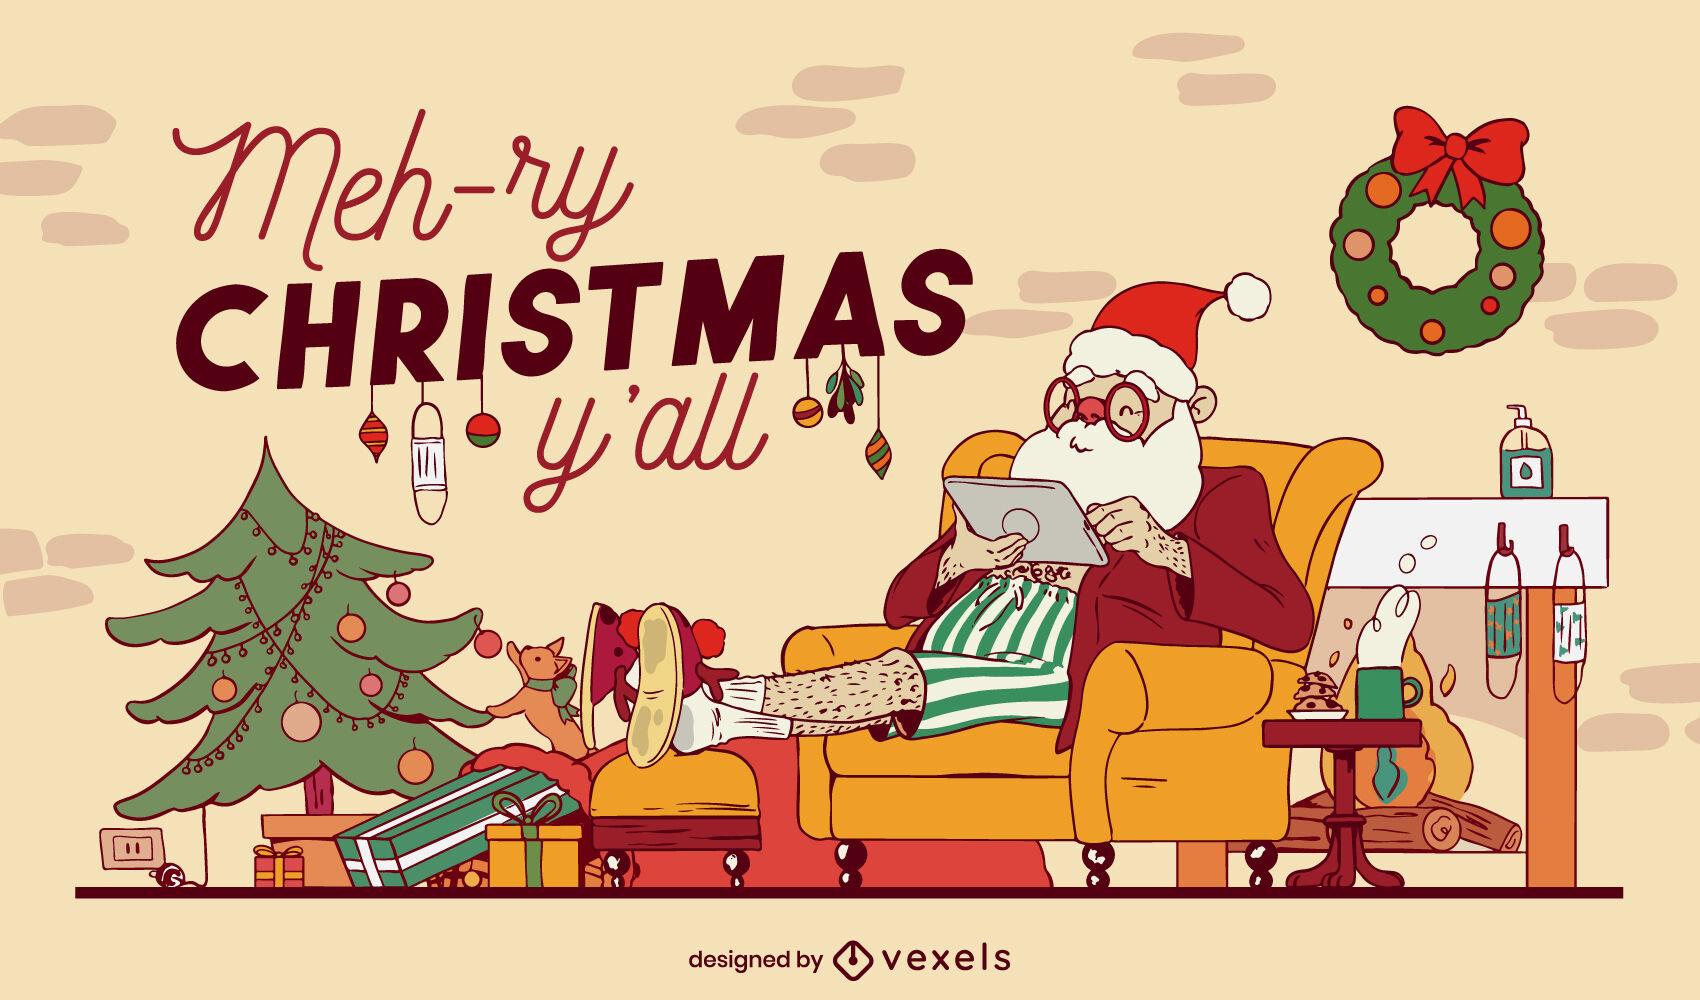 Weihnachtsmann-gemütliches Zuhause-Weihnachtsillustration